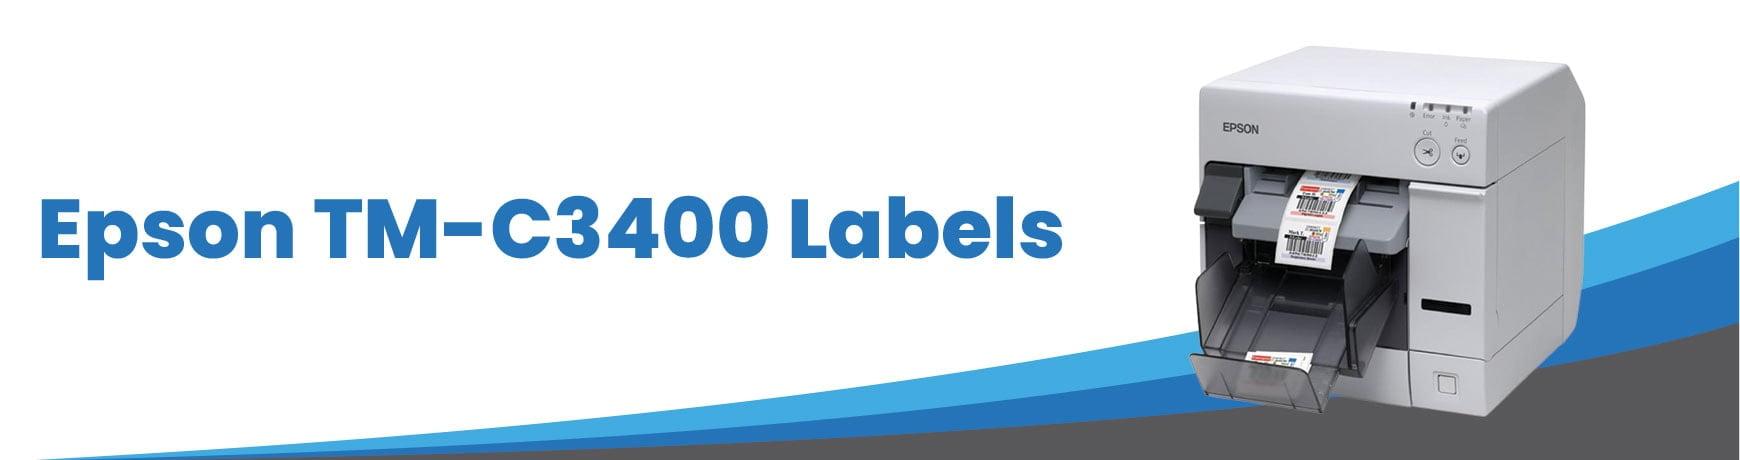 Epson TM-C3400 Labels